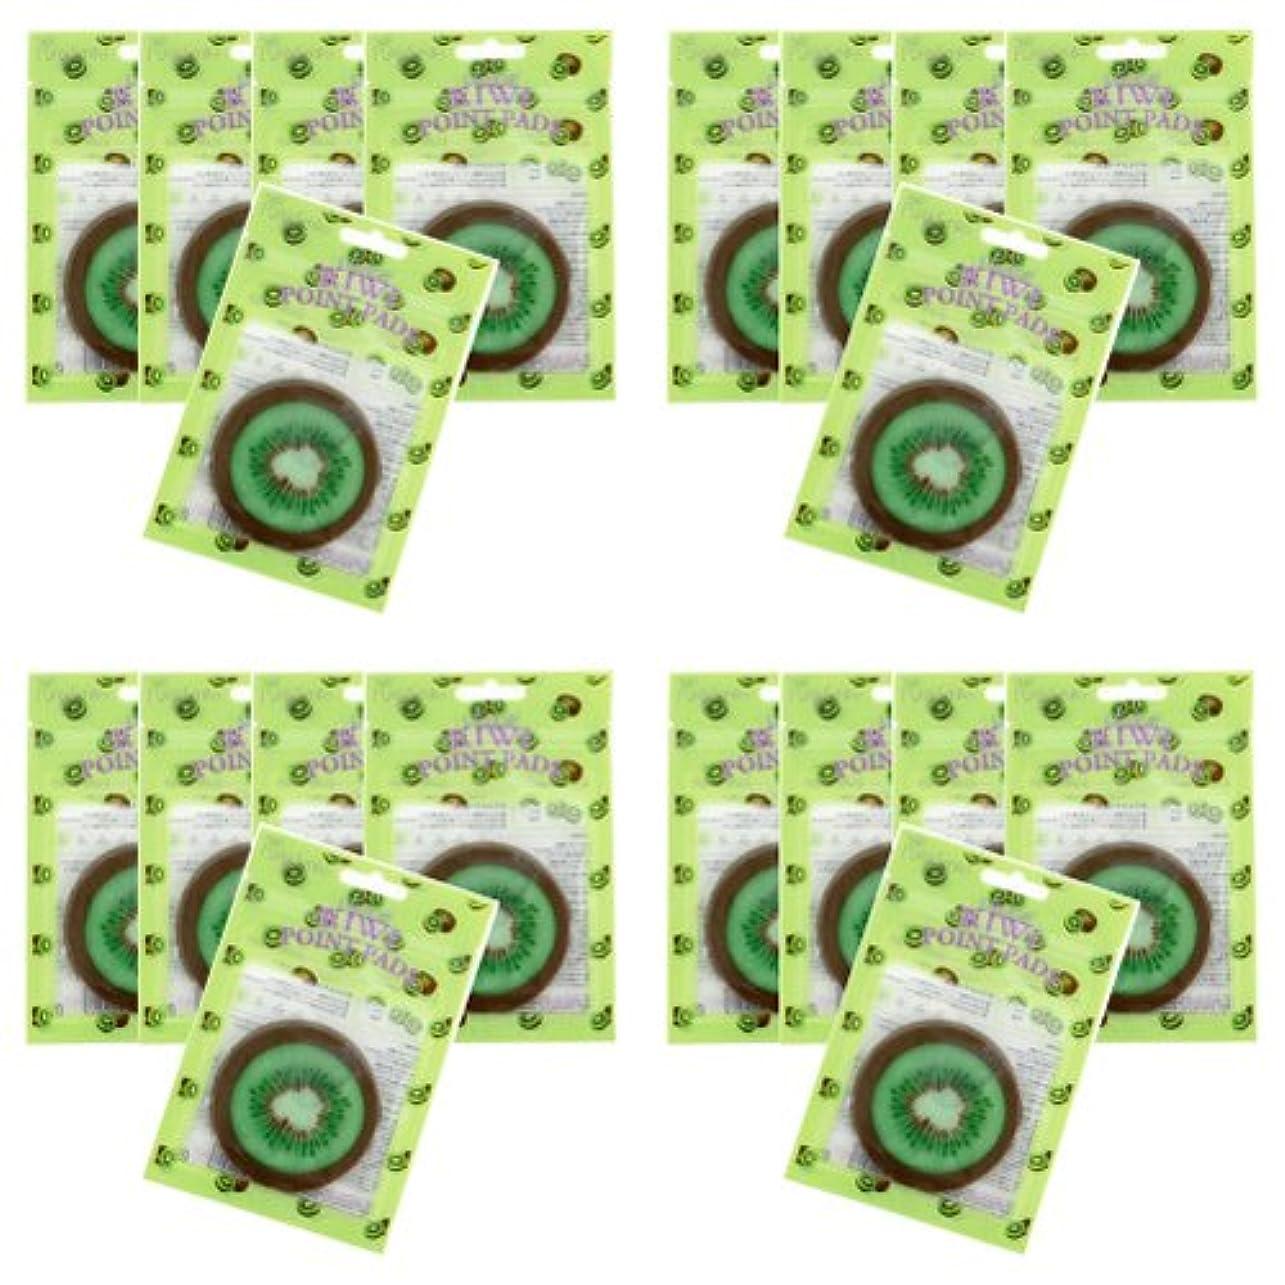 きれいにクスコかもめピュアスマイル ジューシーポイントパッド キウィ20パックセット(1パック10枚入 合計200枚)